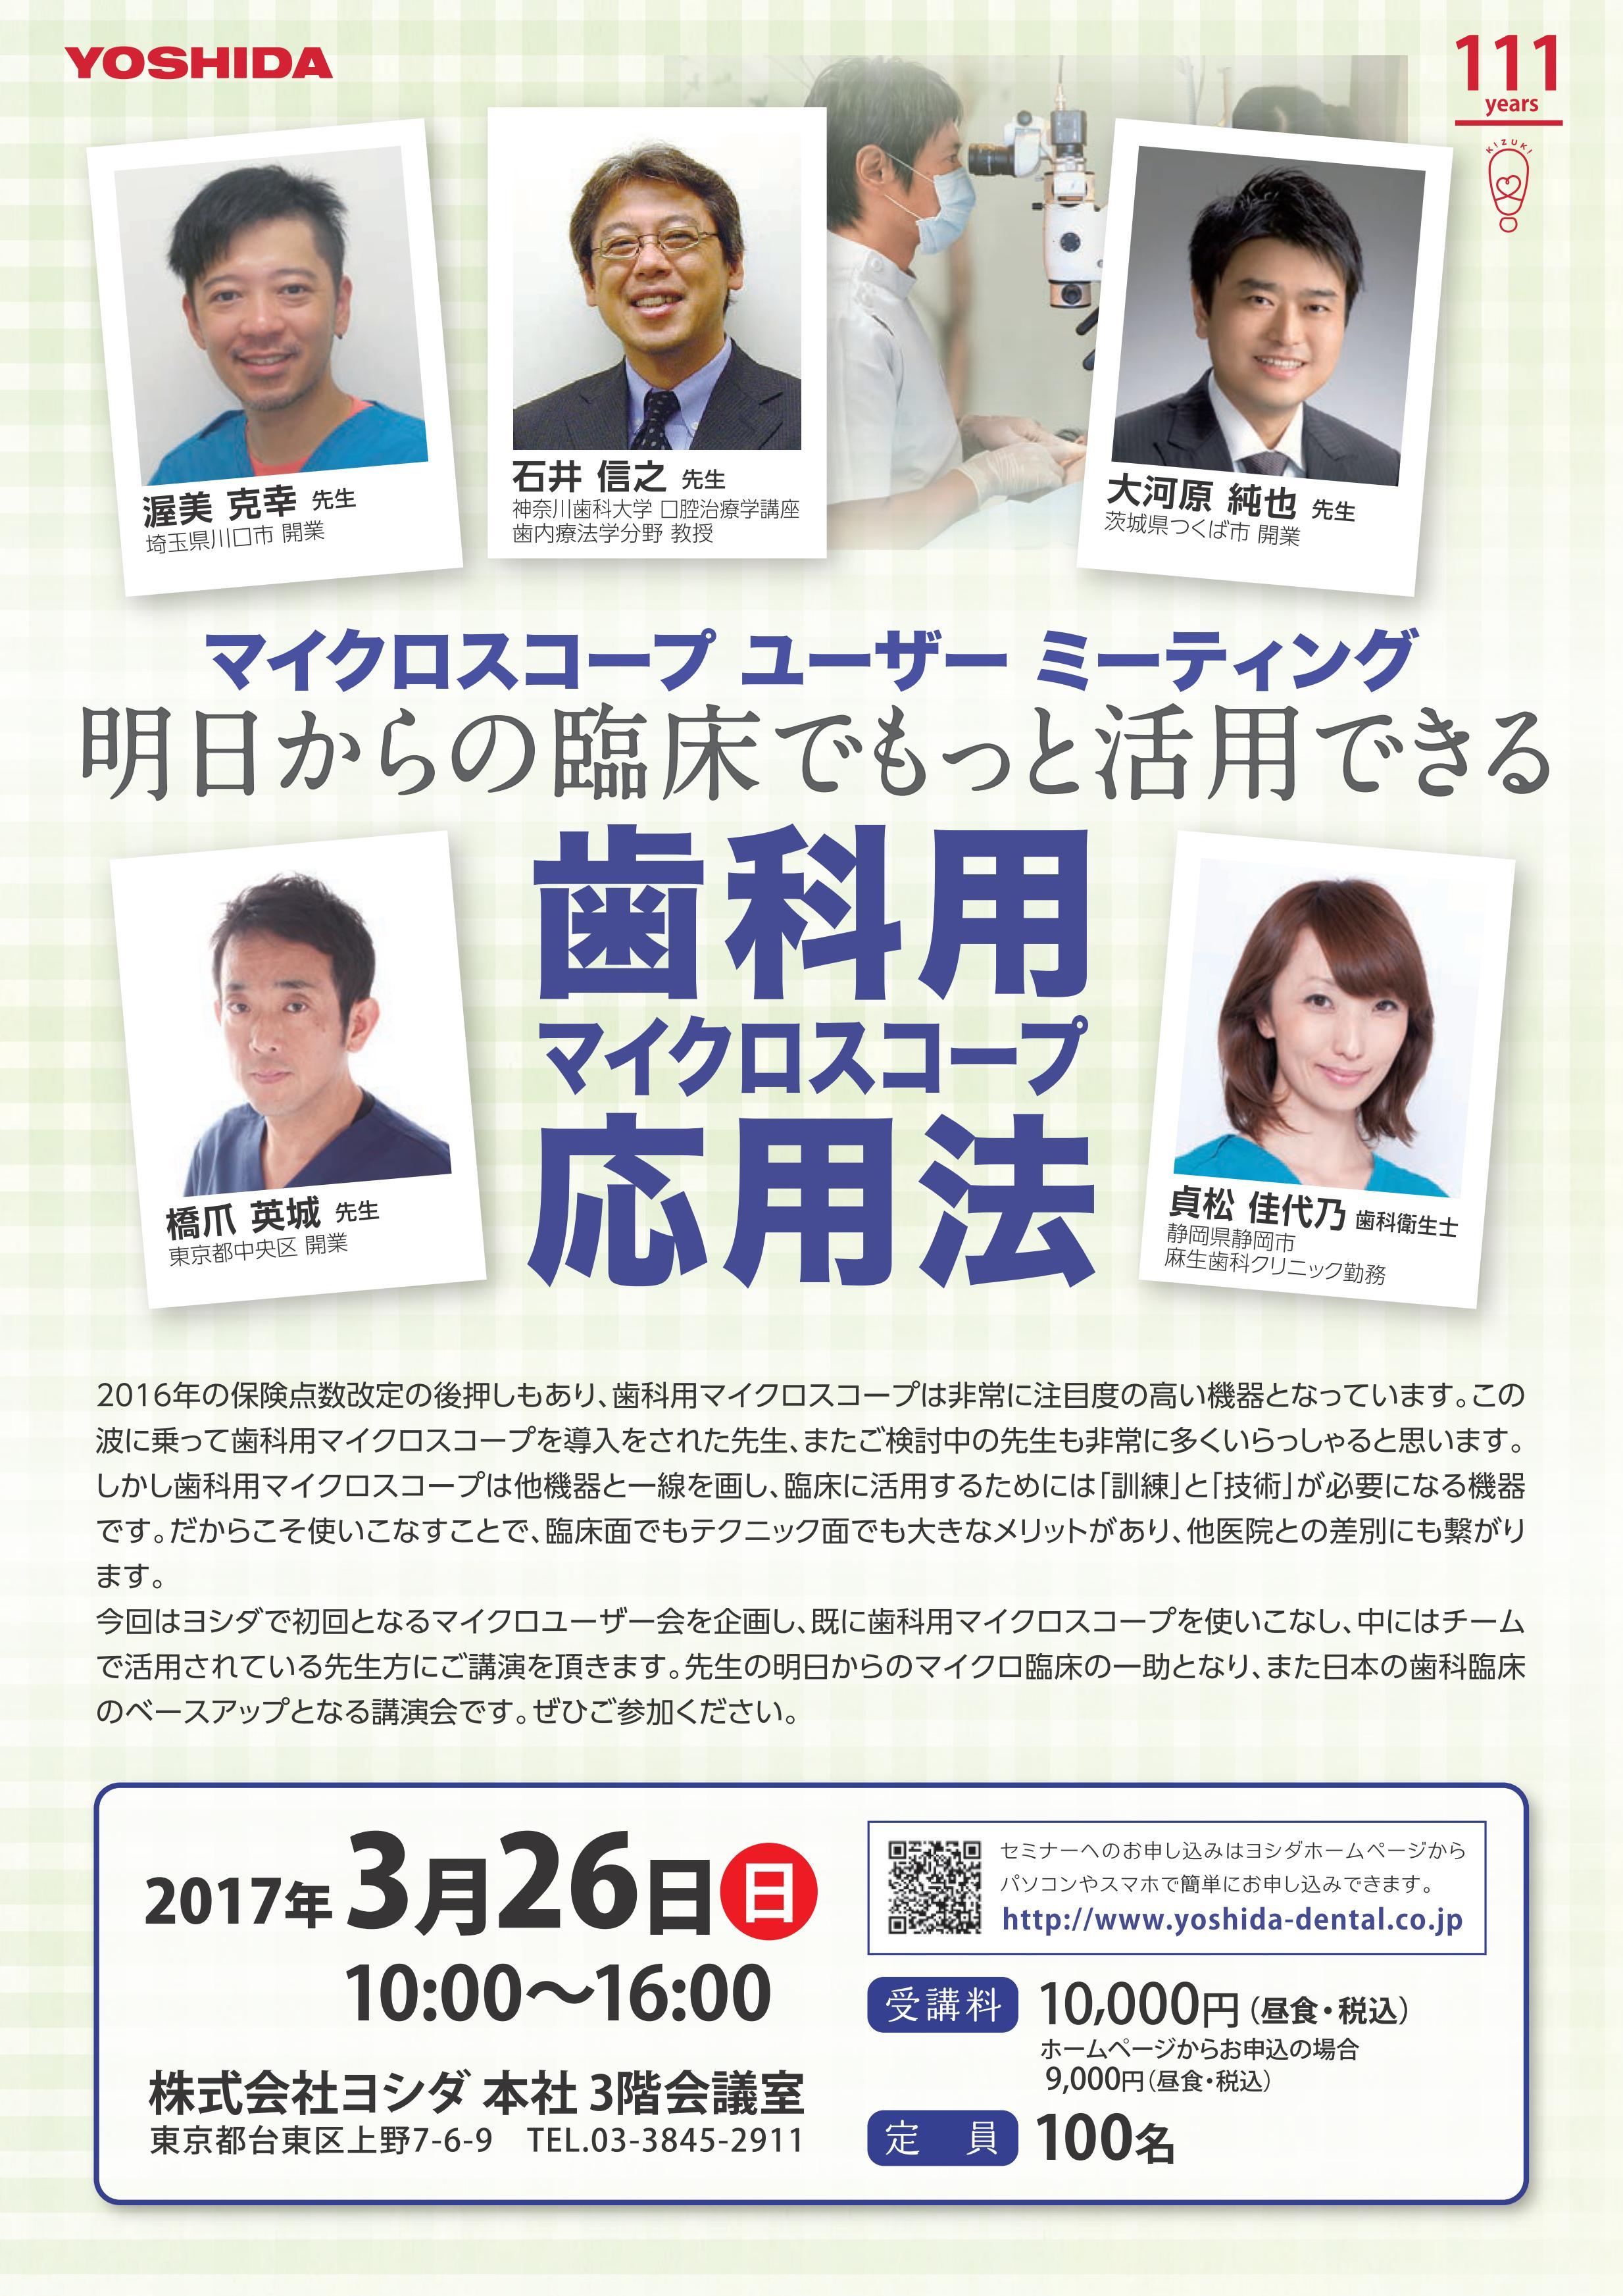 雑誌広告_マイクロユーザー会_01